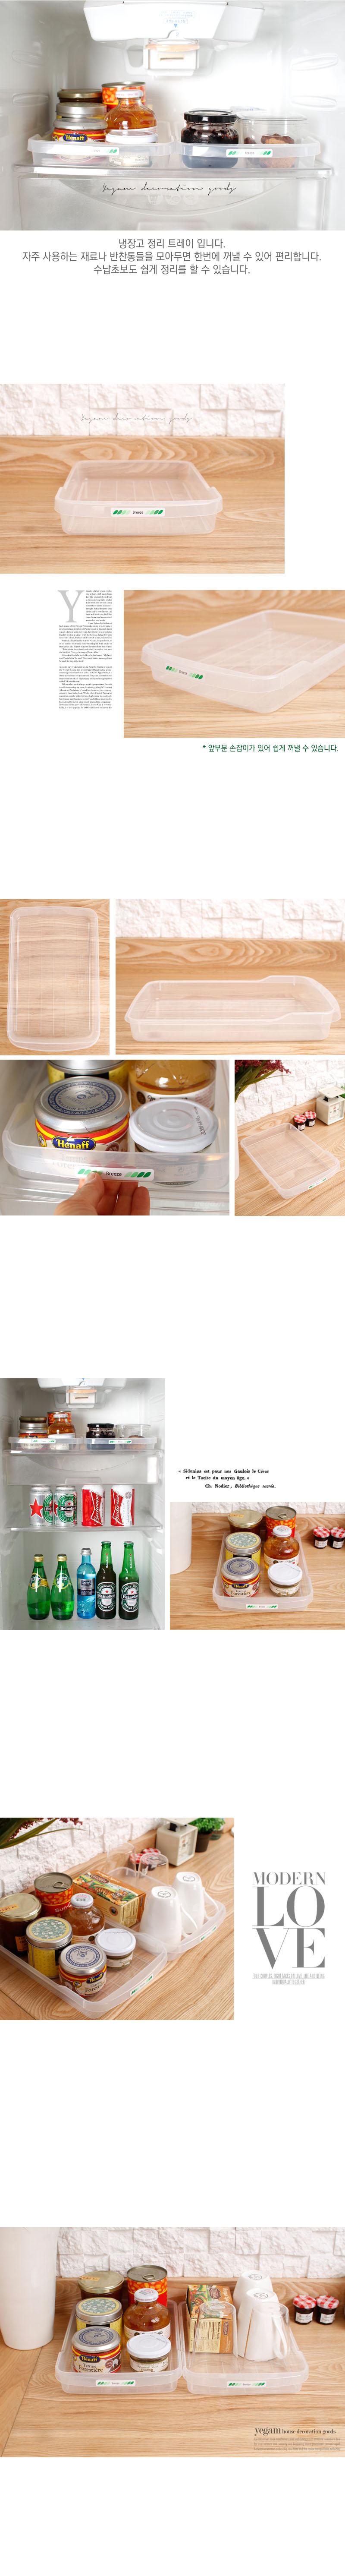 사나다) 냉장고 정리 트레이 - 체리하우스, 3,240원, 주방수납용품, 진열 보관대